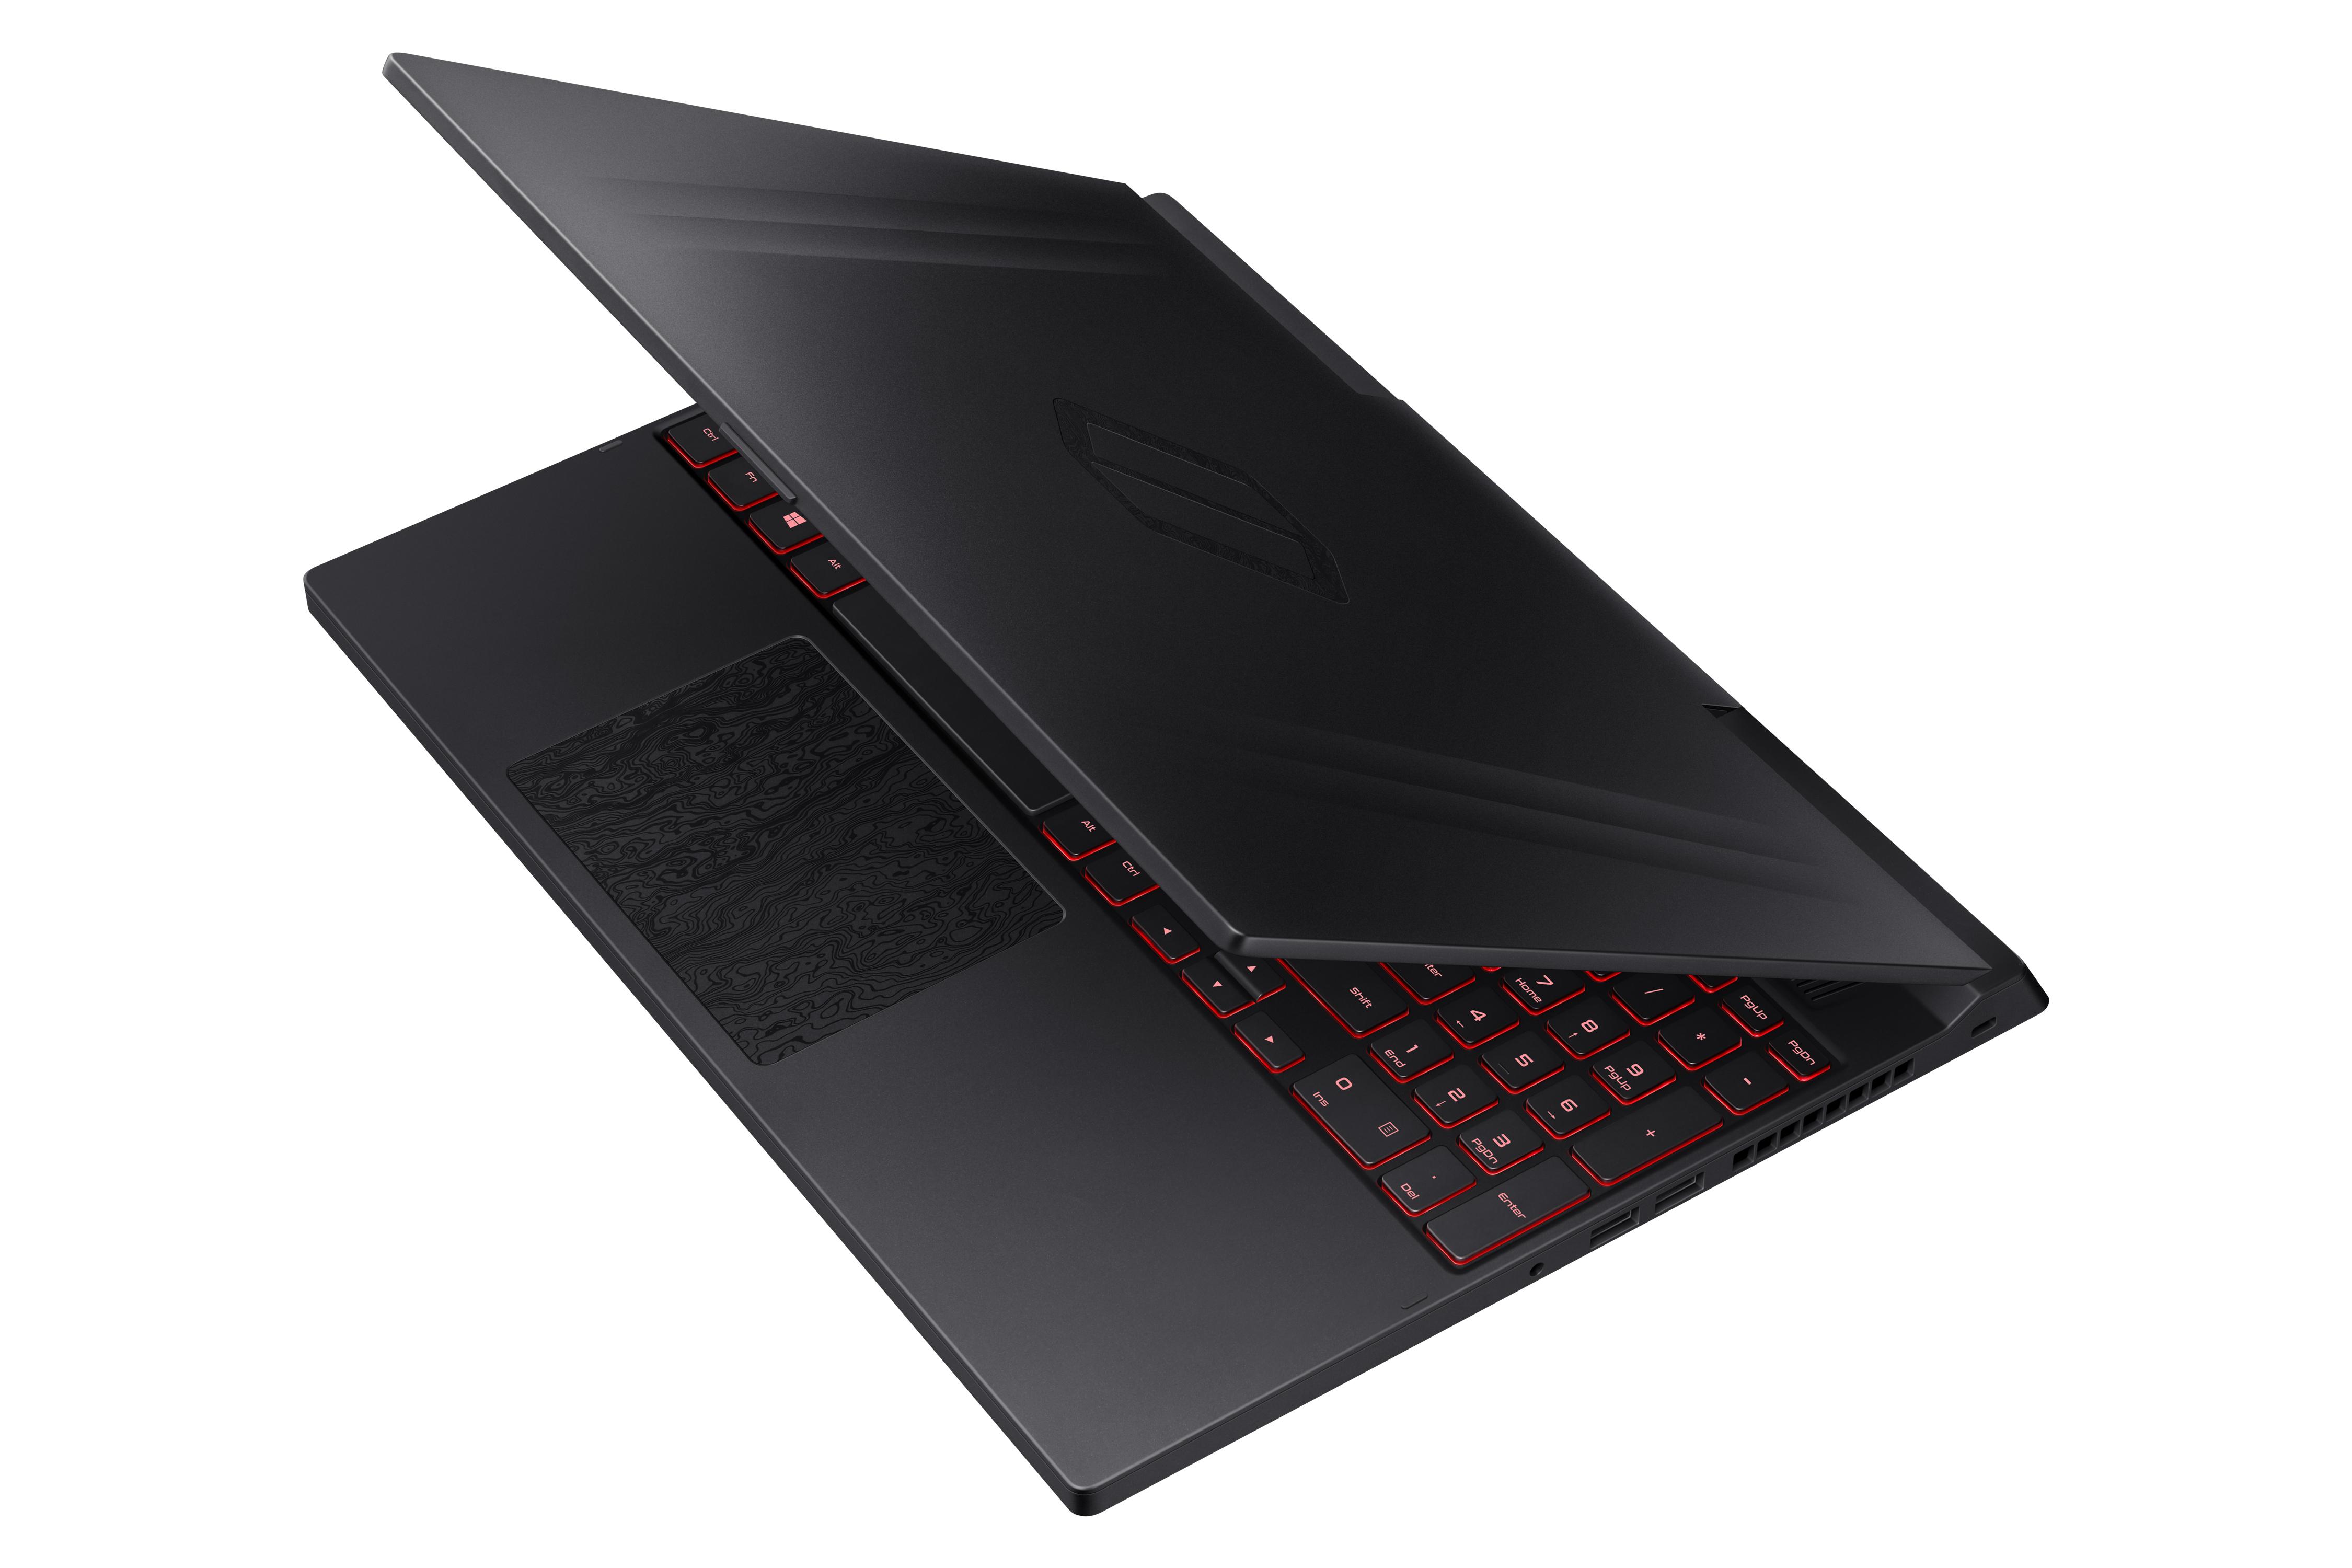 בנפט הוכרז: Samsung NoteBook Odyssey - מחשב נייד עוצמתי לגיימרים - WiseBuy EL-61